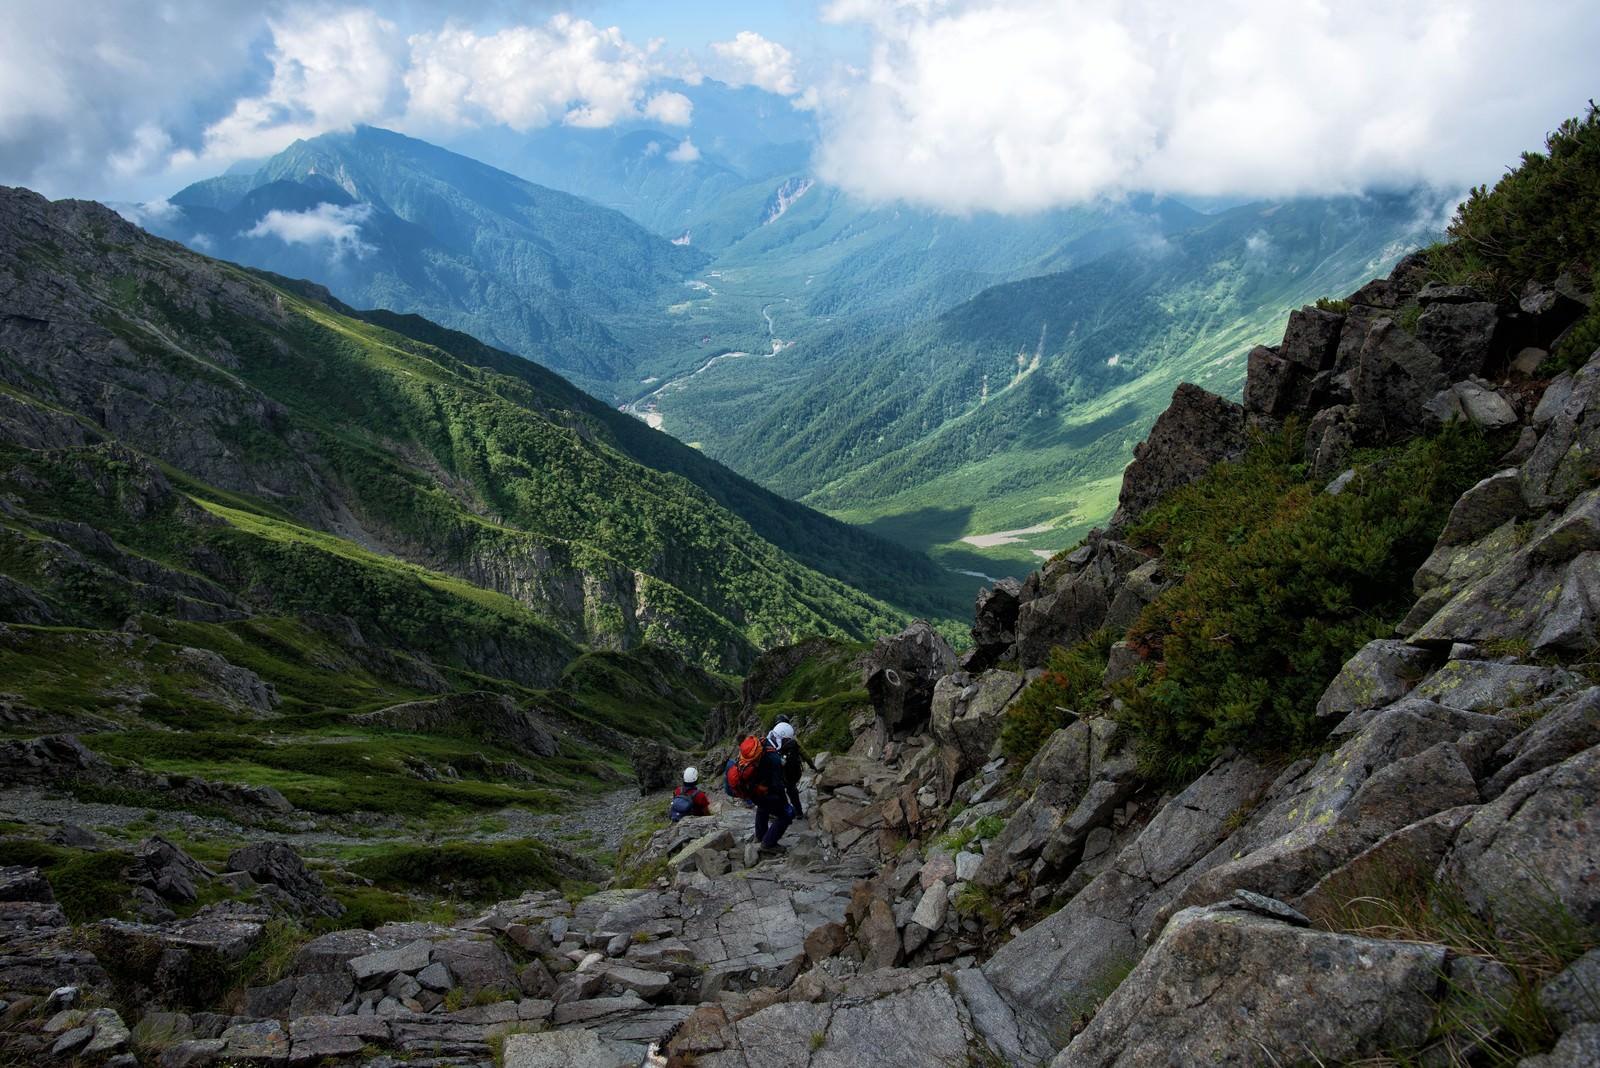 「ガレ場に挑む登山者」の写真